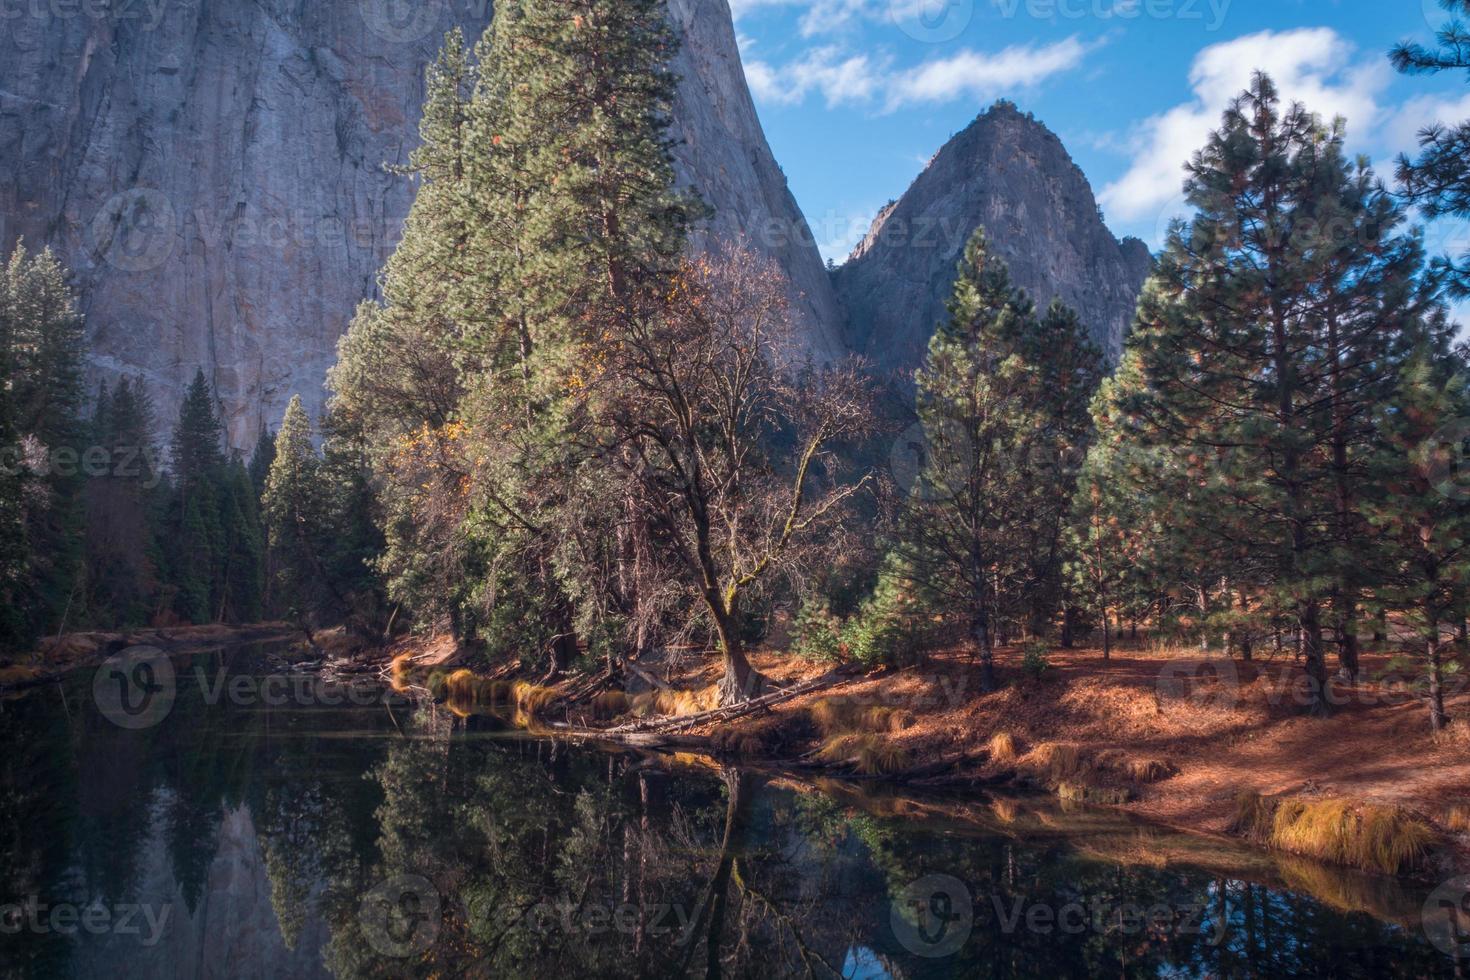 fiume mercos-yosemite foto